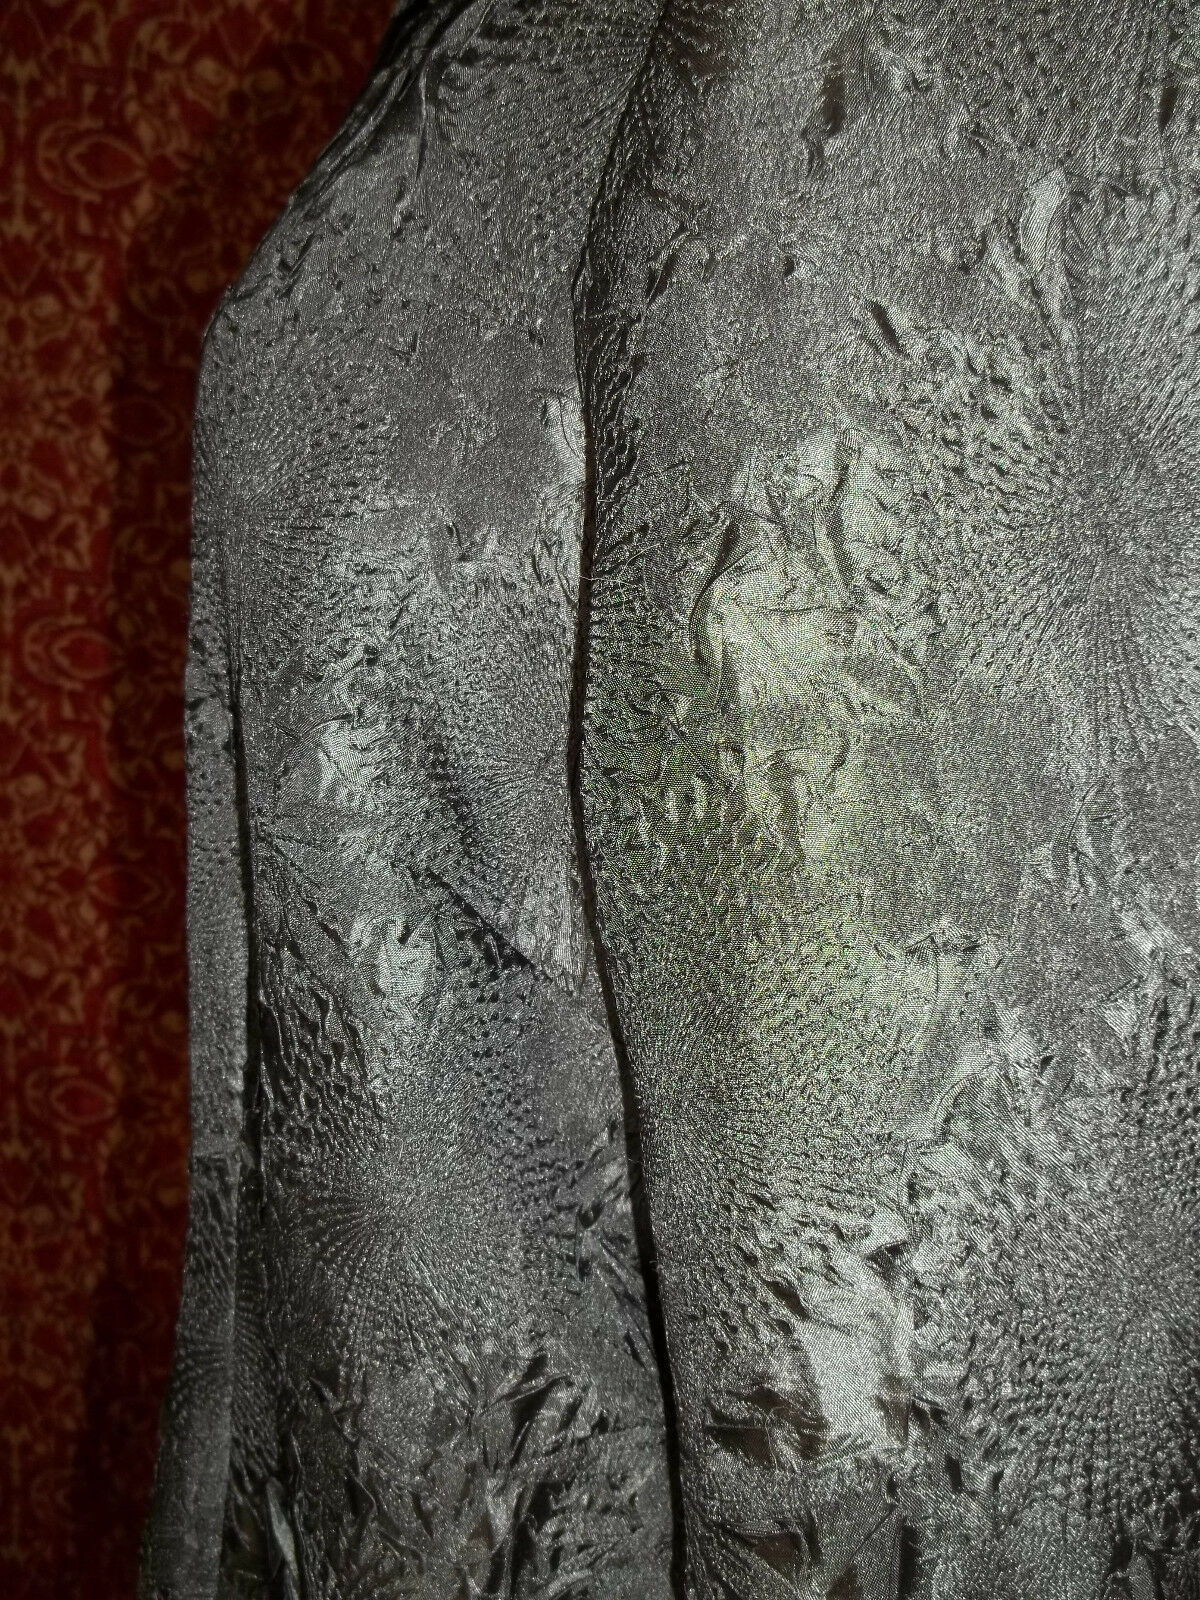 KORET black wrinkle polyester long sleeve blouse 16 (T45-03G8G) image 5